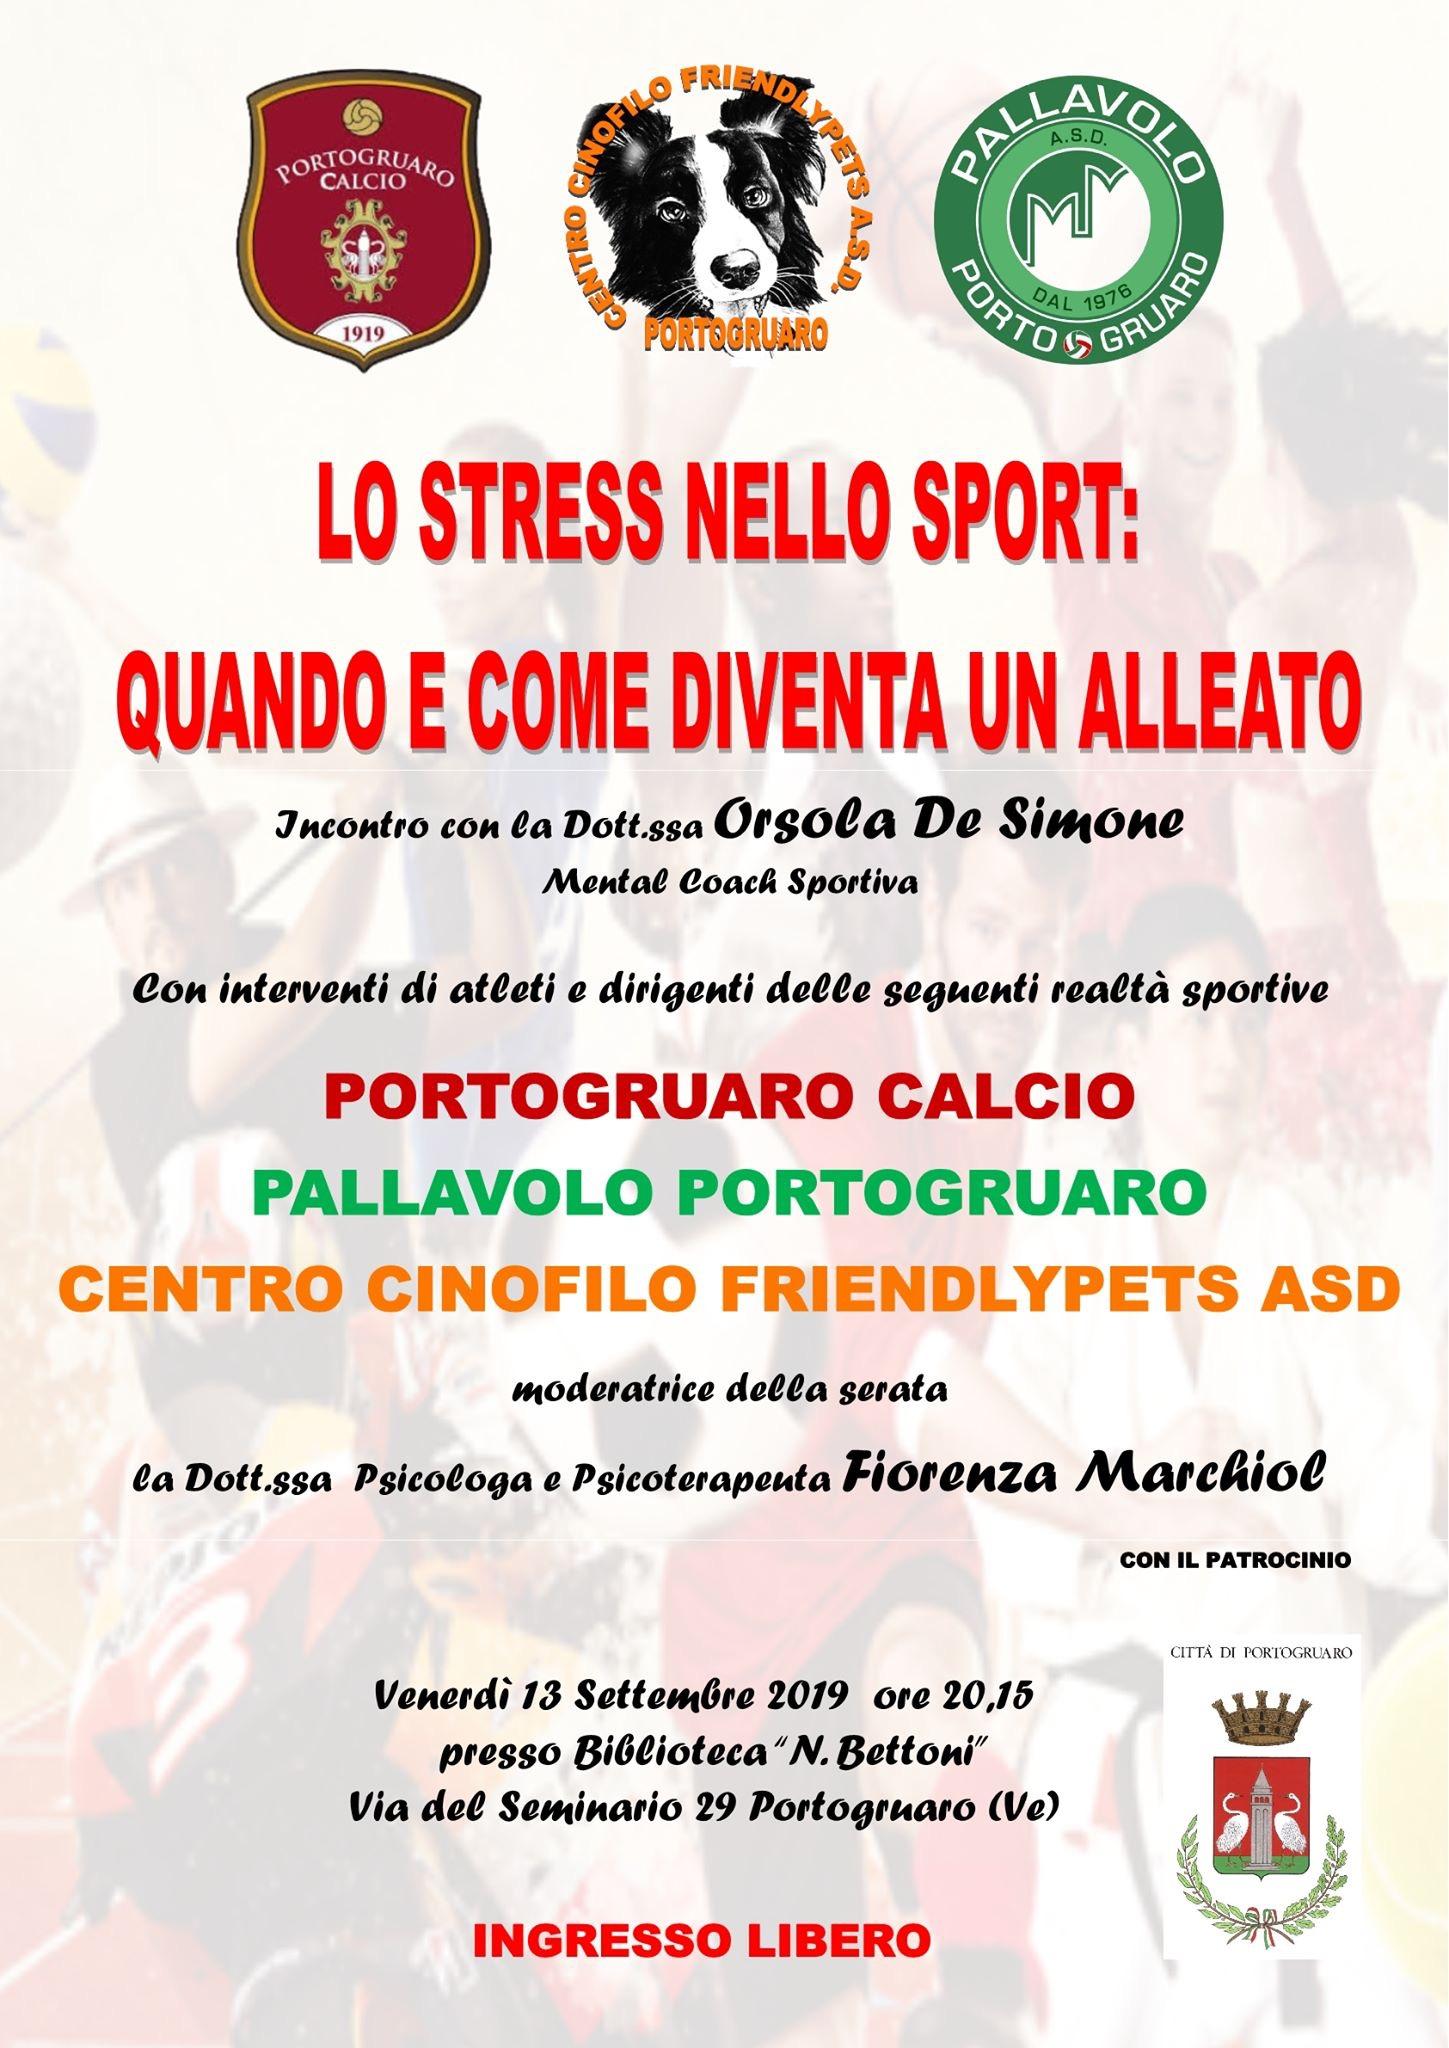 Lo stress nello sport - quando e come diventa un alleato